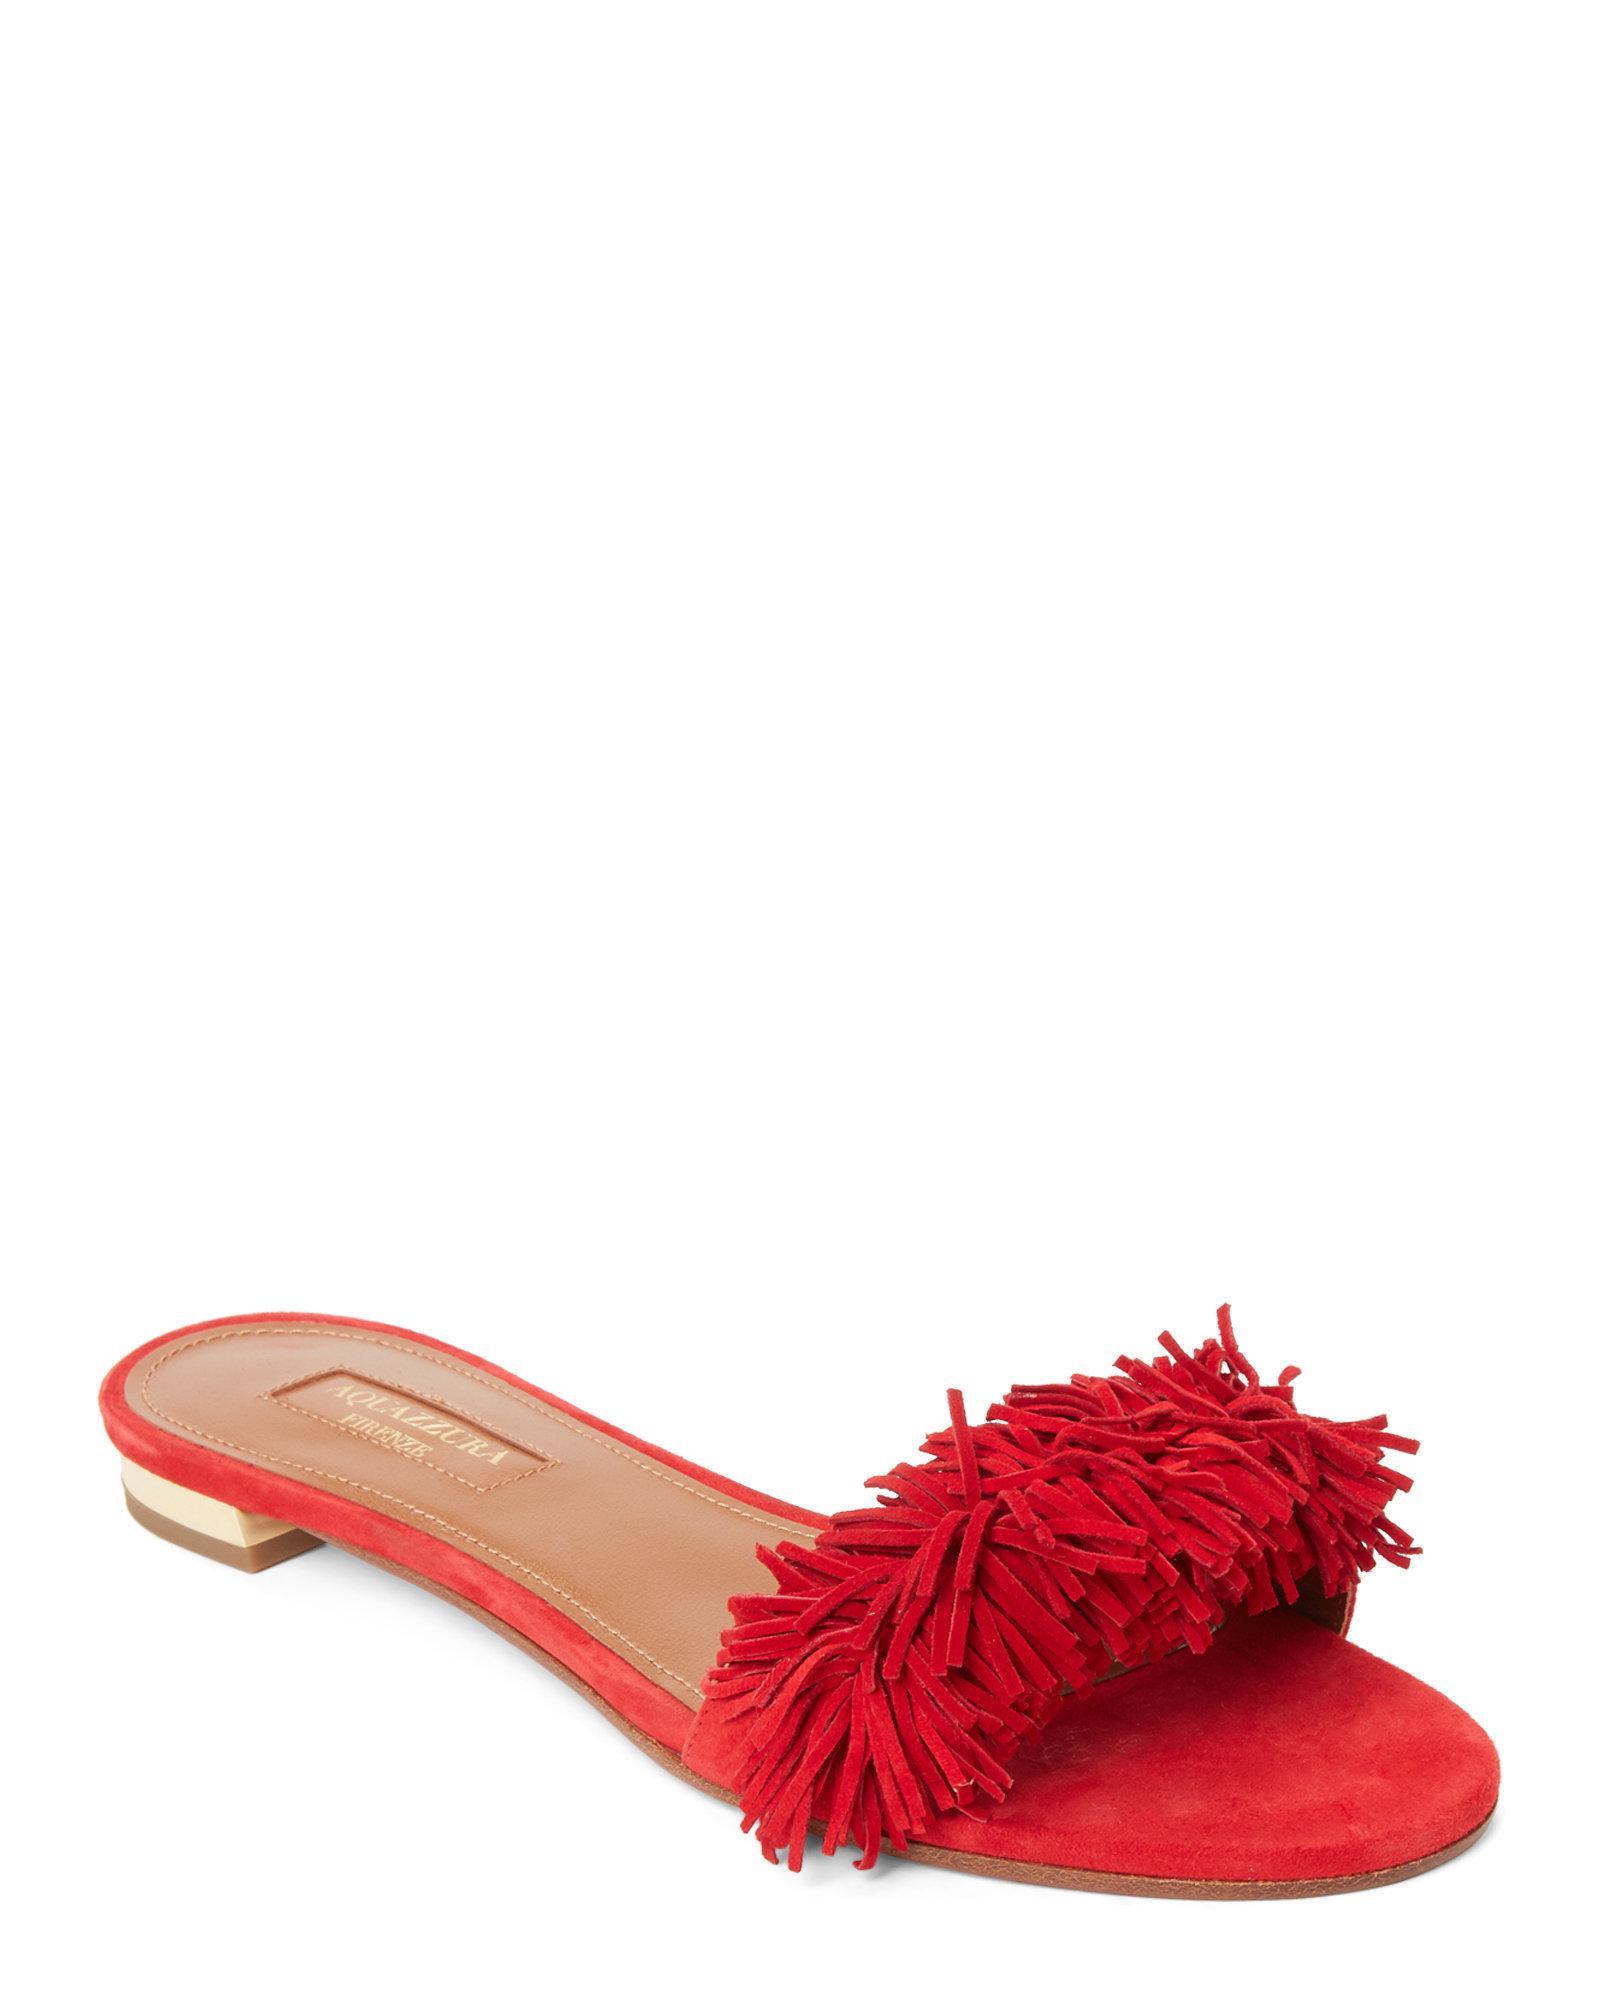 5074138e2a57 aquazzura-Lipstick-Lipstick-Wild-Thing-Fringe-Slide-Sandals.jpeg